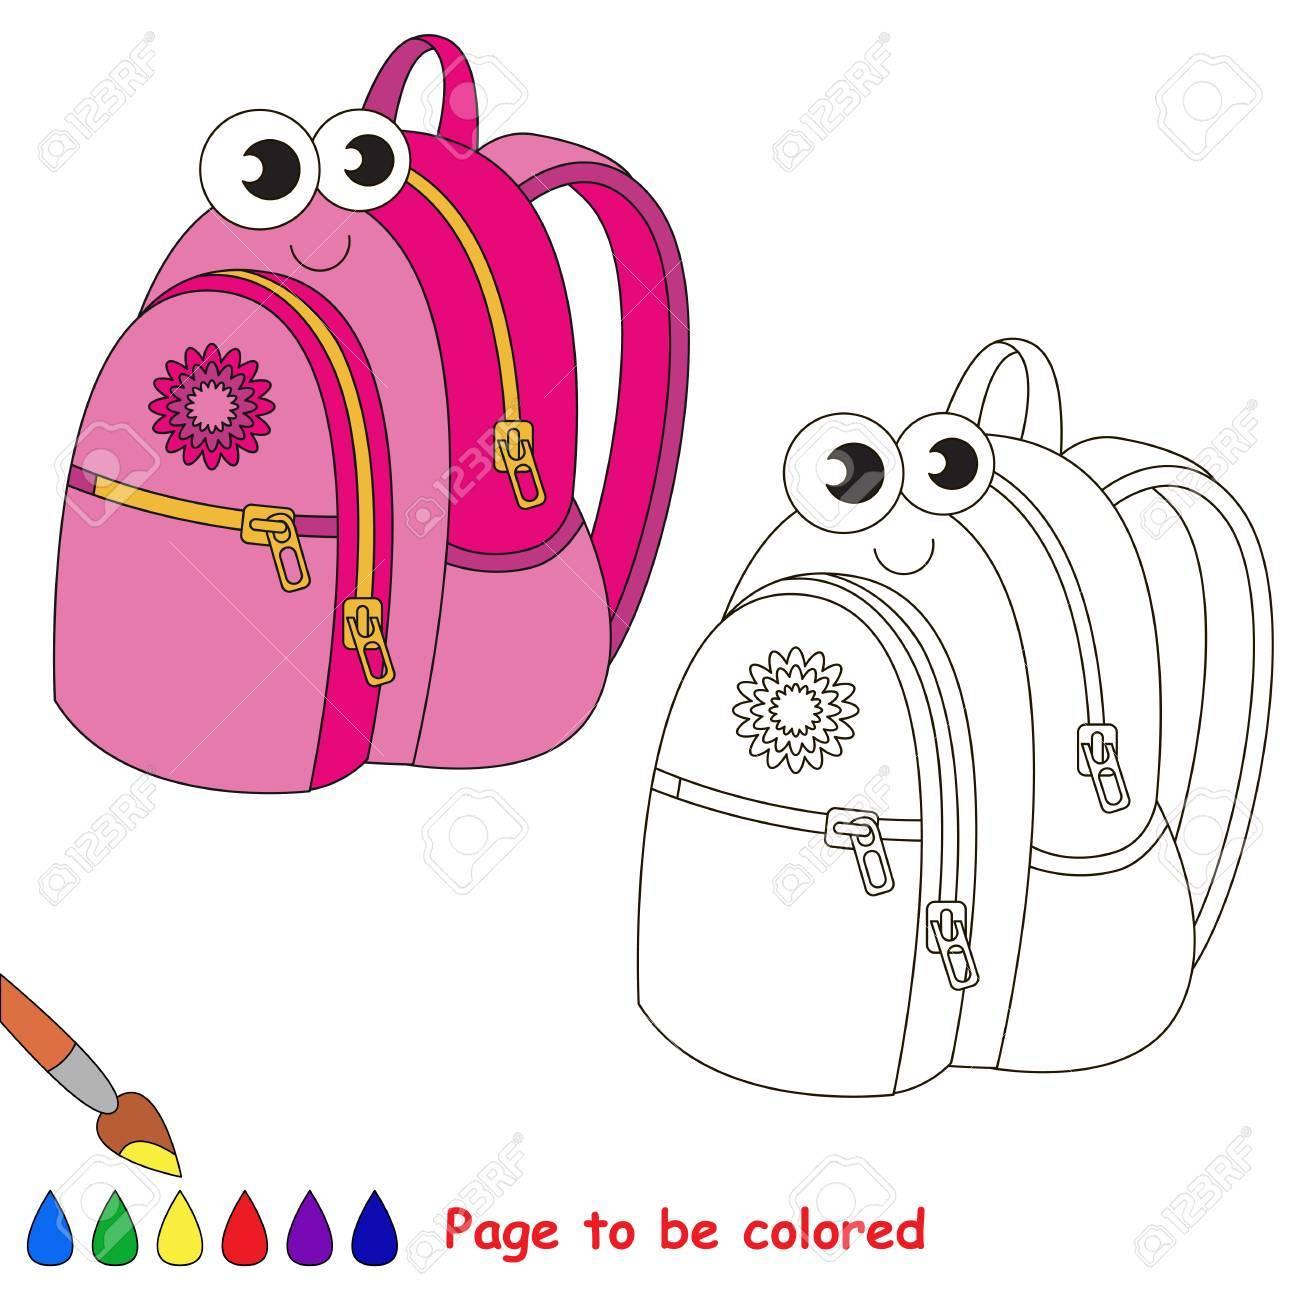 Mochila Escolar Para Colorear Libro De Colorear Para Educar A Los Niños Aprende Colores Juego Educativo Visual Nivel Simple Páginas Para